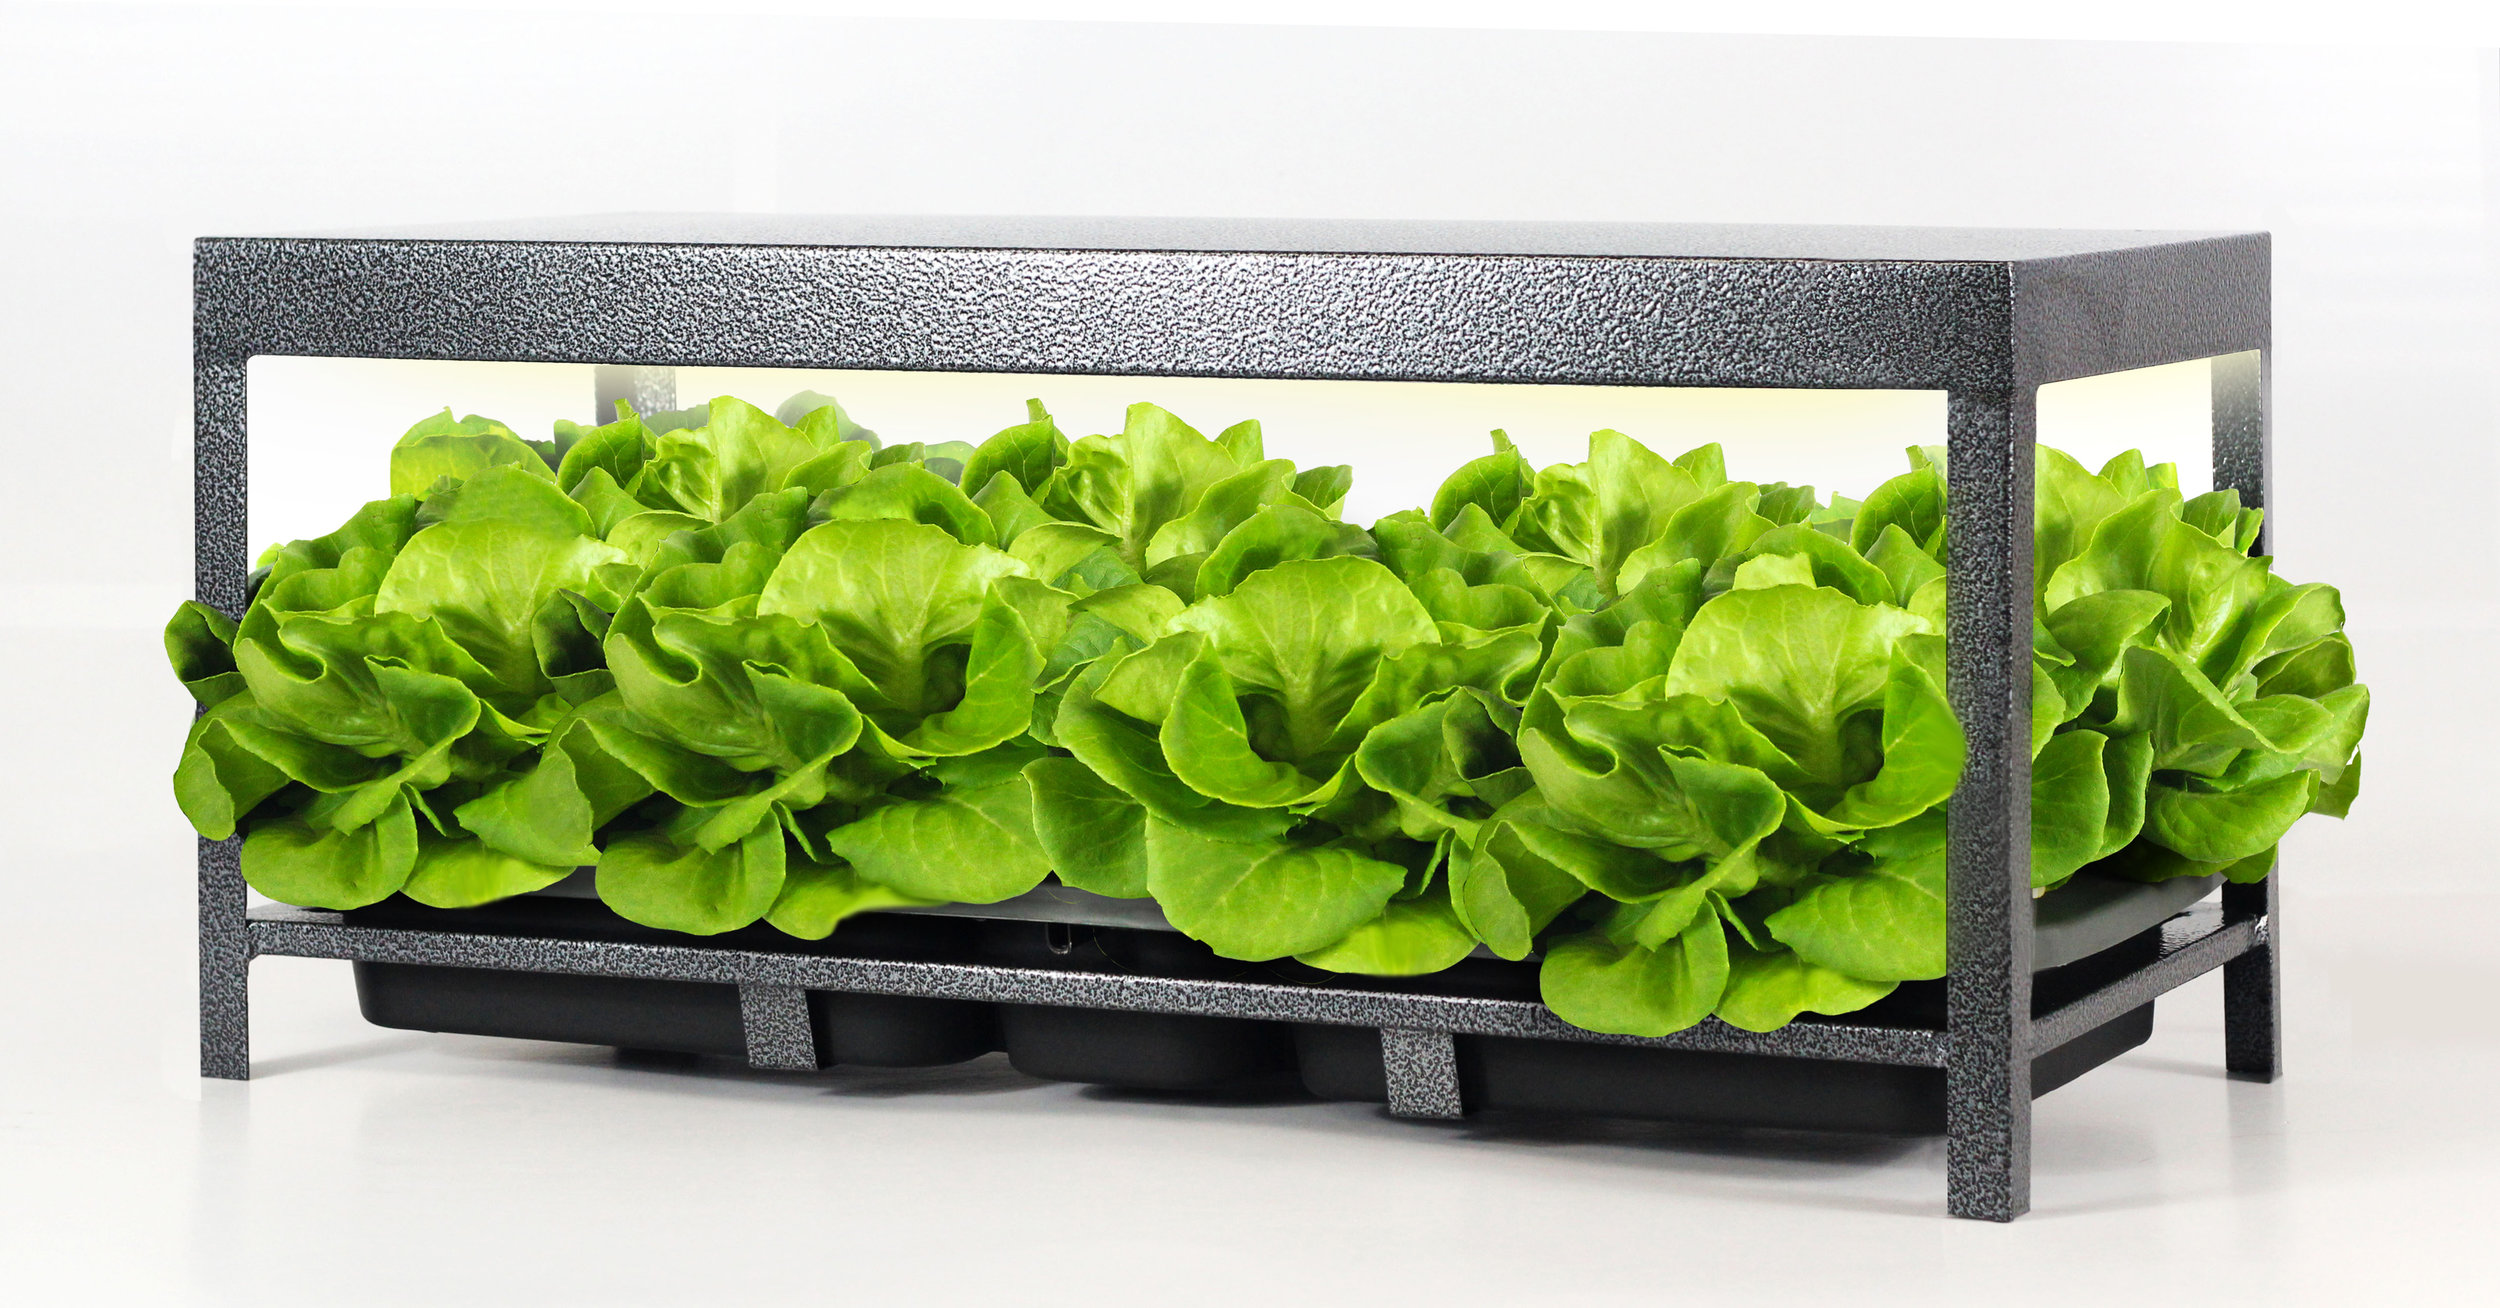 20170420 - lettuce & rack.jpg